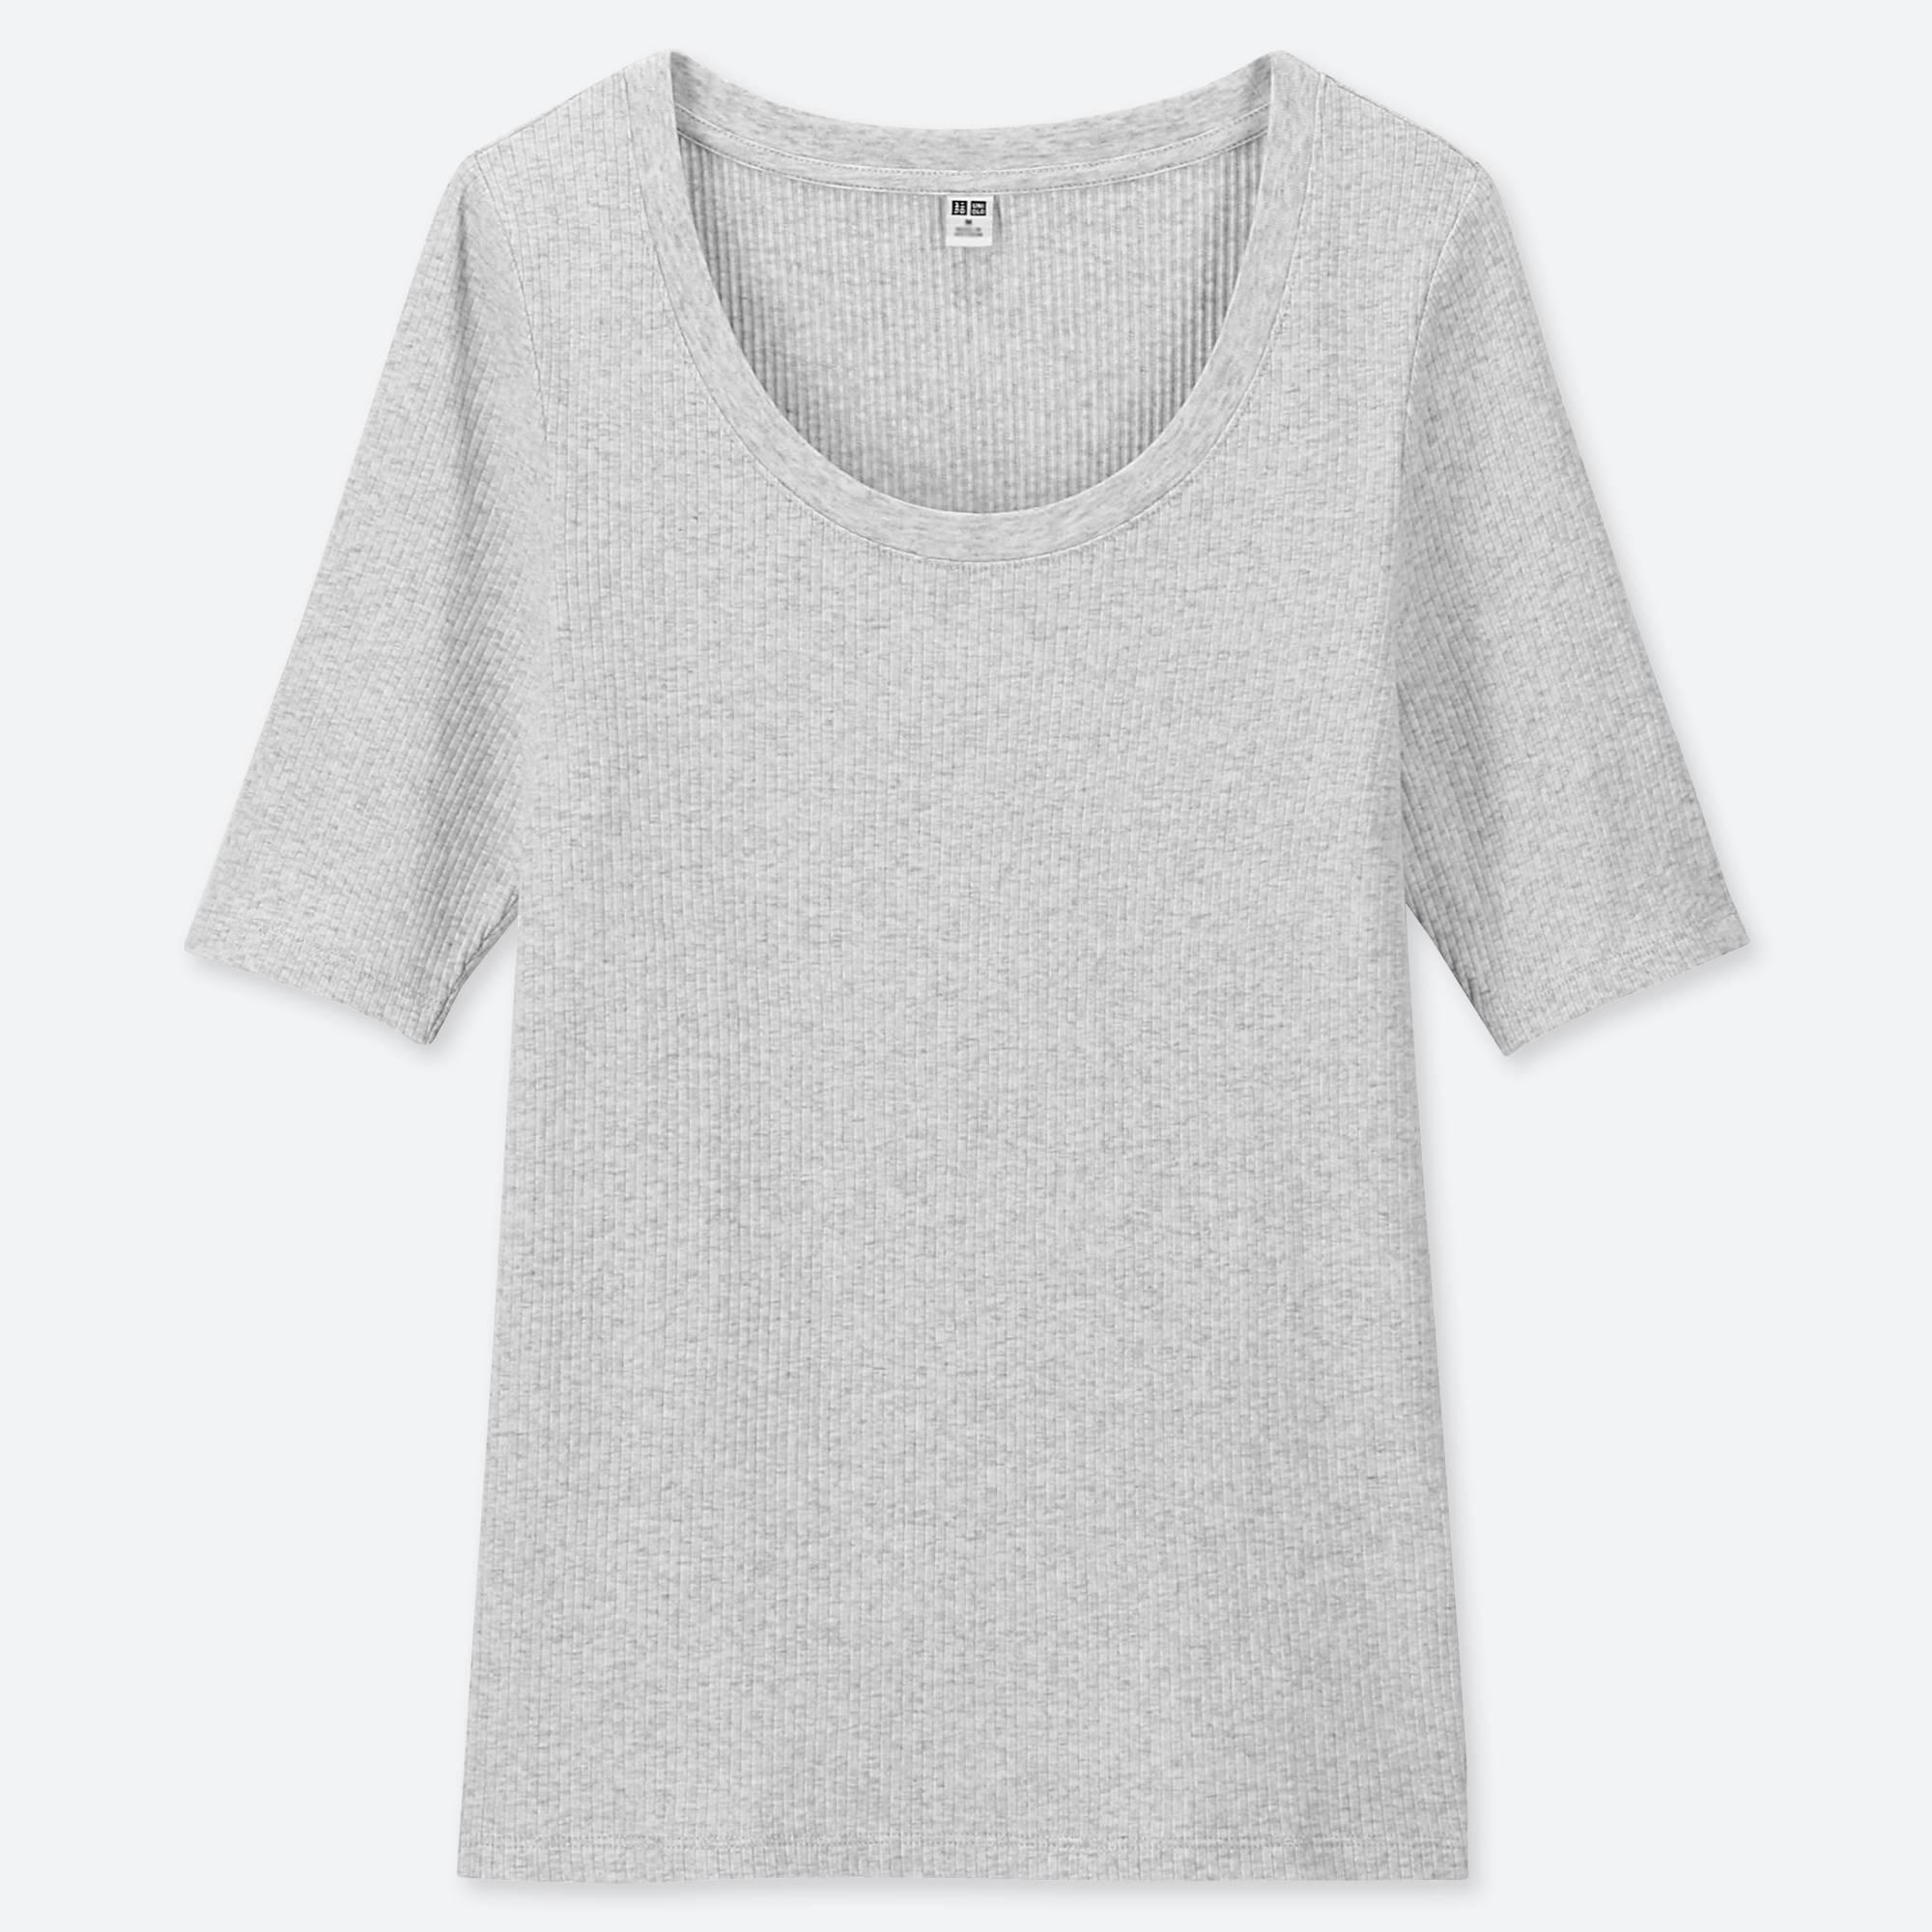 4e13264dbf72e Lyst - Uniqlo Women Ribbed U-neck Half-sleeve T-shirt in Gray